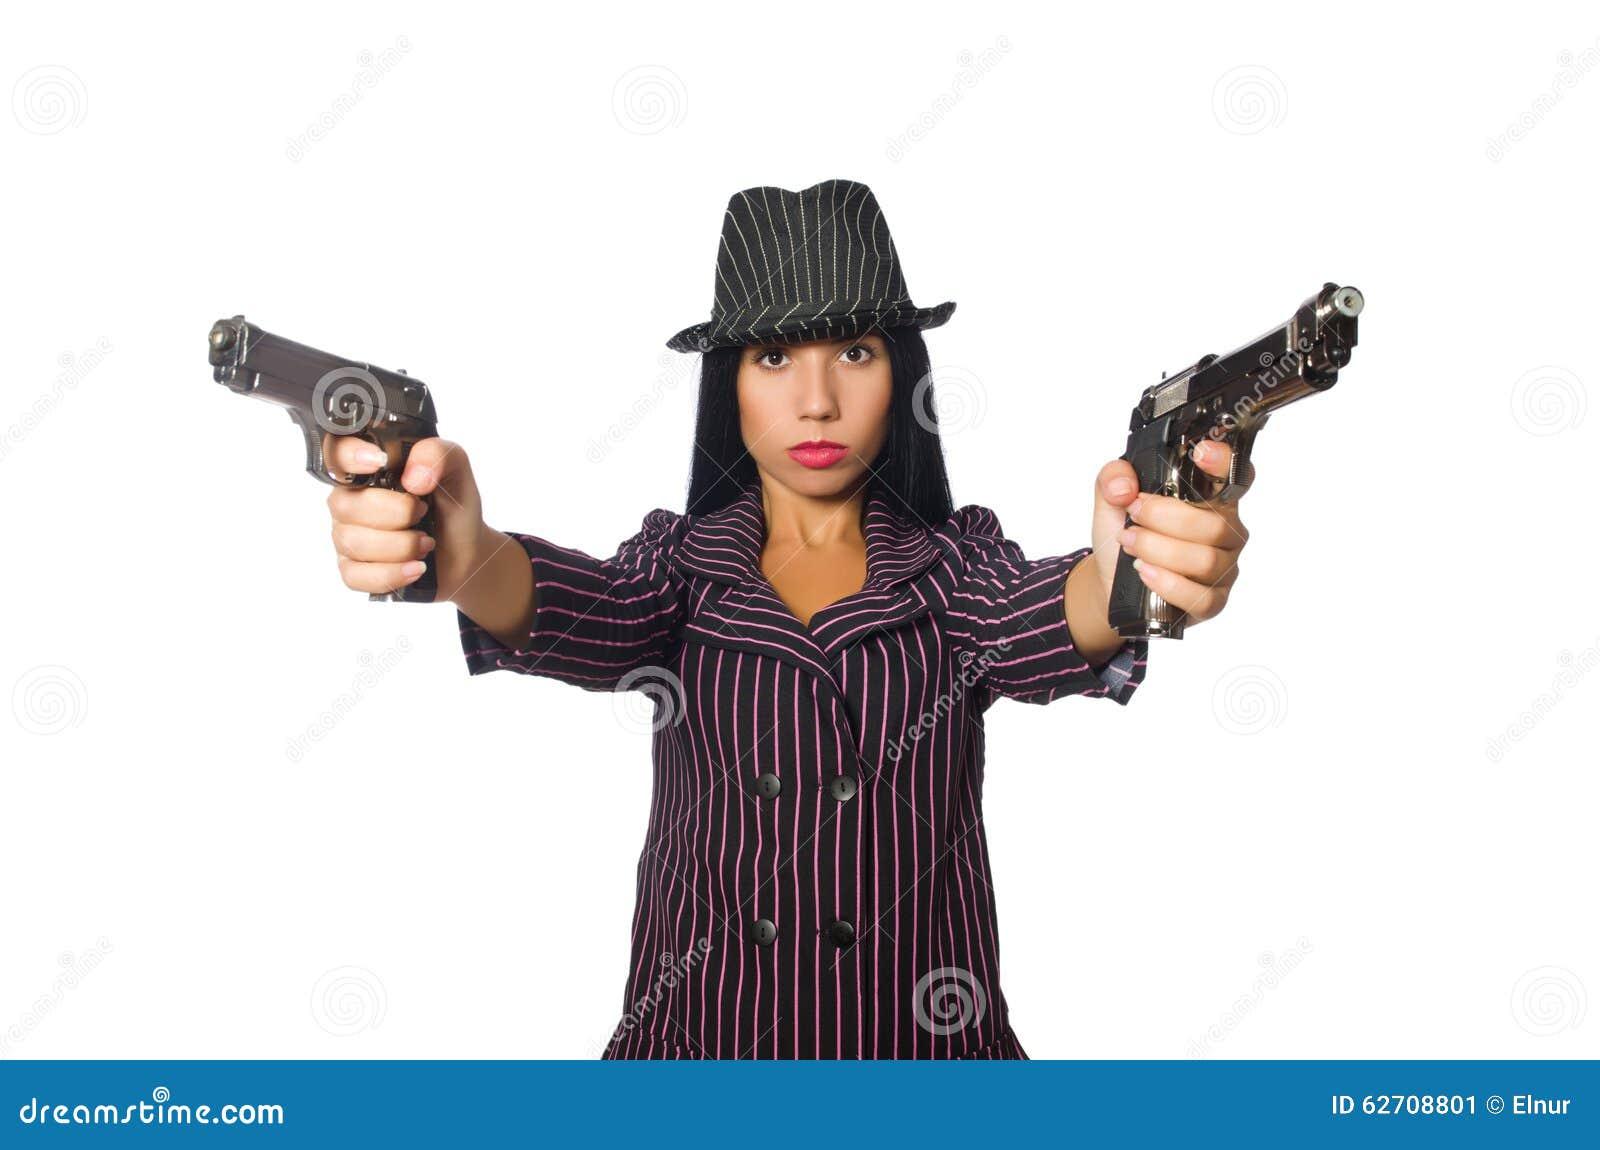 Γυναίκα γκάγκστερ με το πυροβόλο όπλο που απομονώνεται στο λευκό